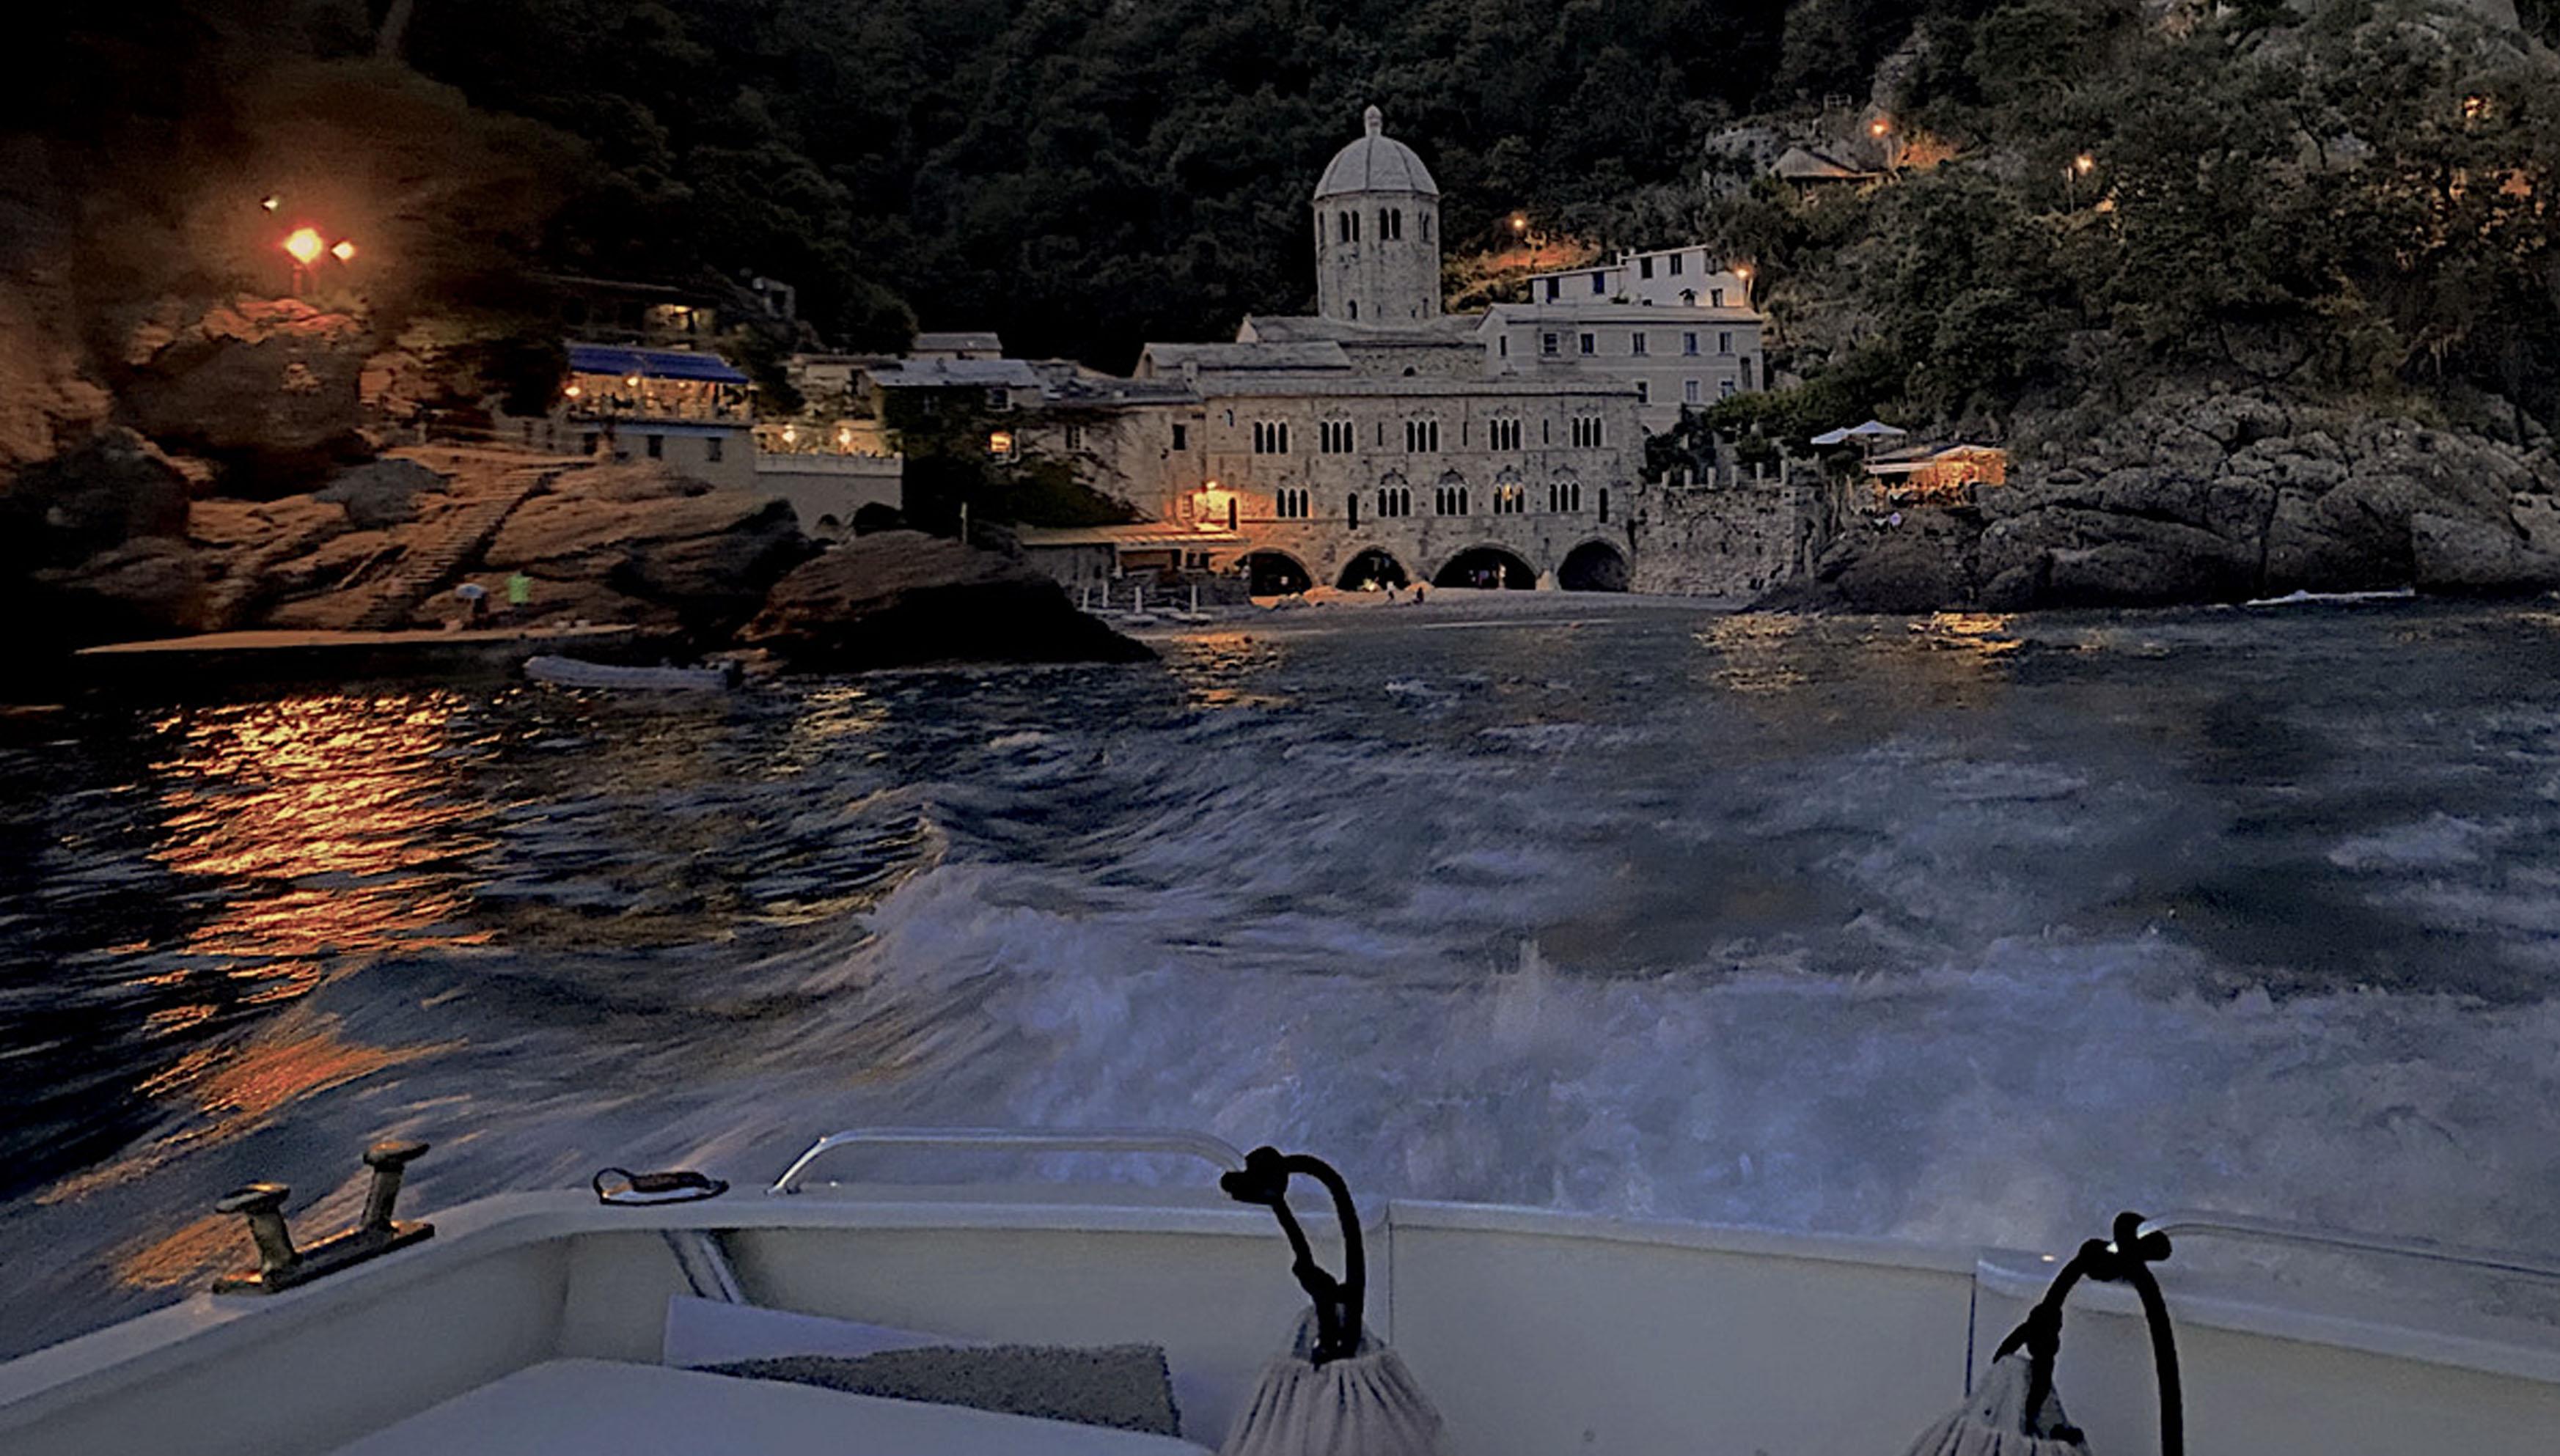 Cesare Charter Portofino - Dinner cruise